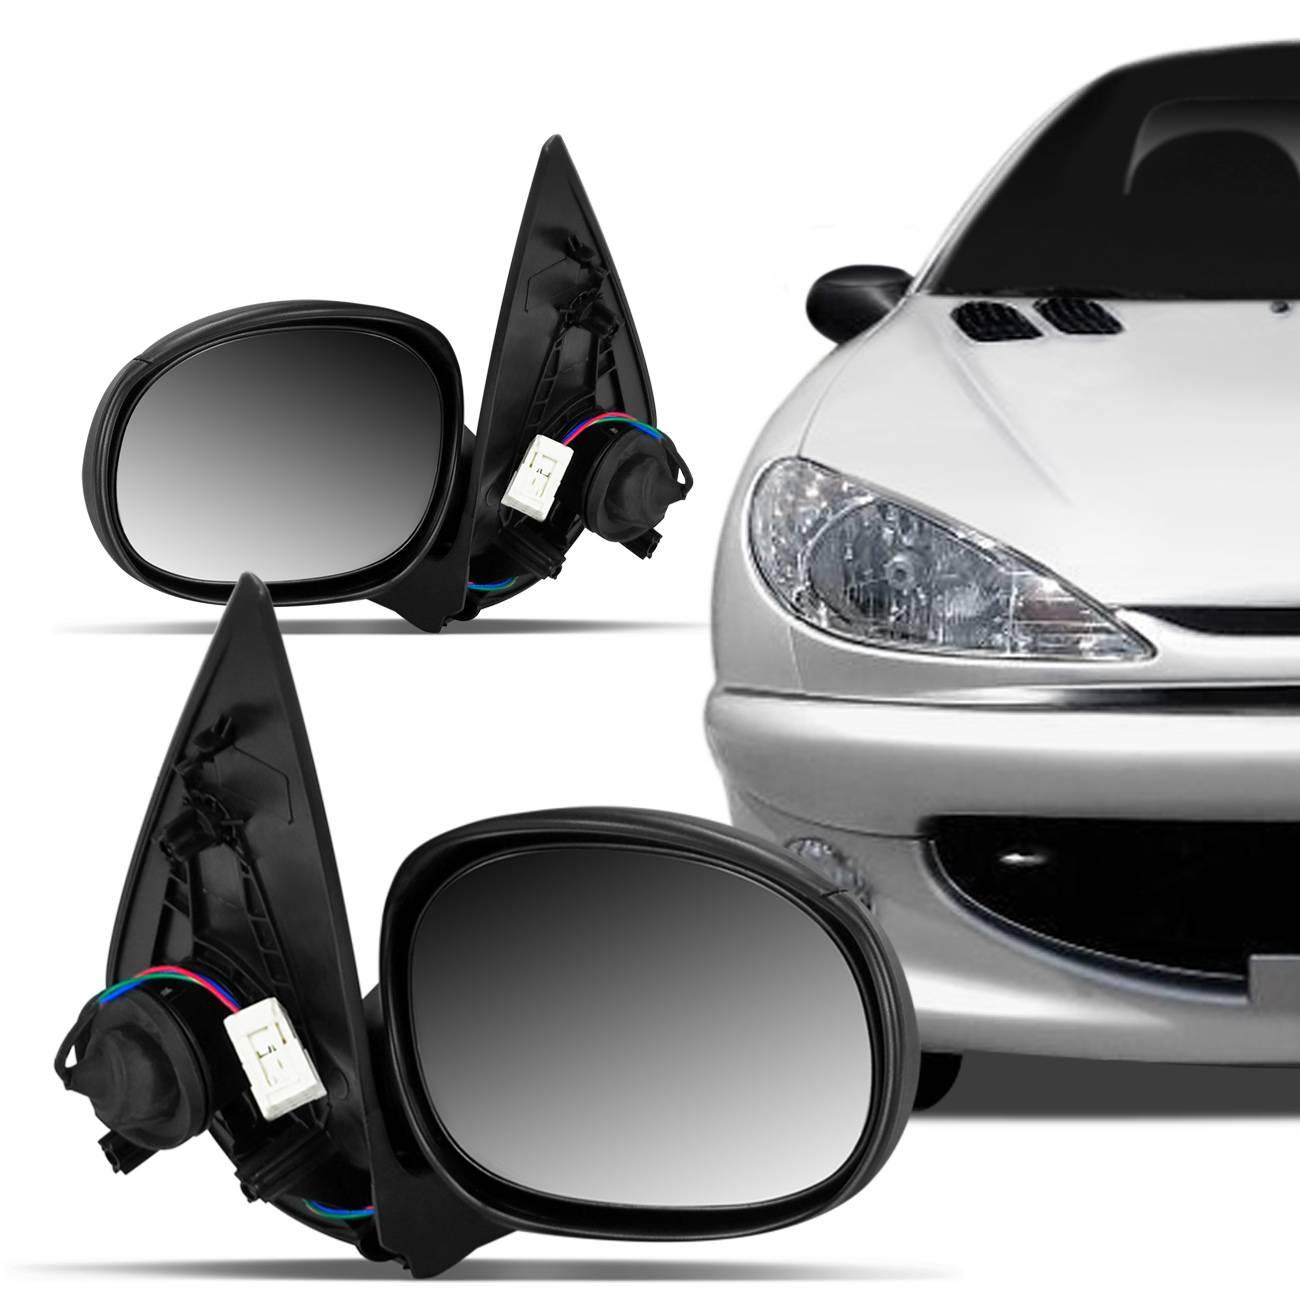 Retrovisor Peugeot 206 207 99 a 14 Preto Elétrico Lado Direito + Lado Esquerdo